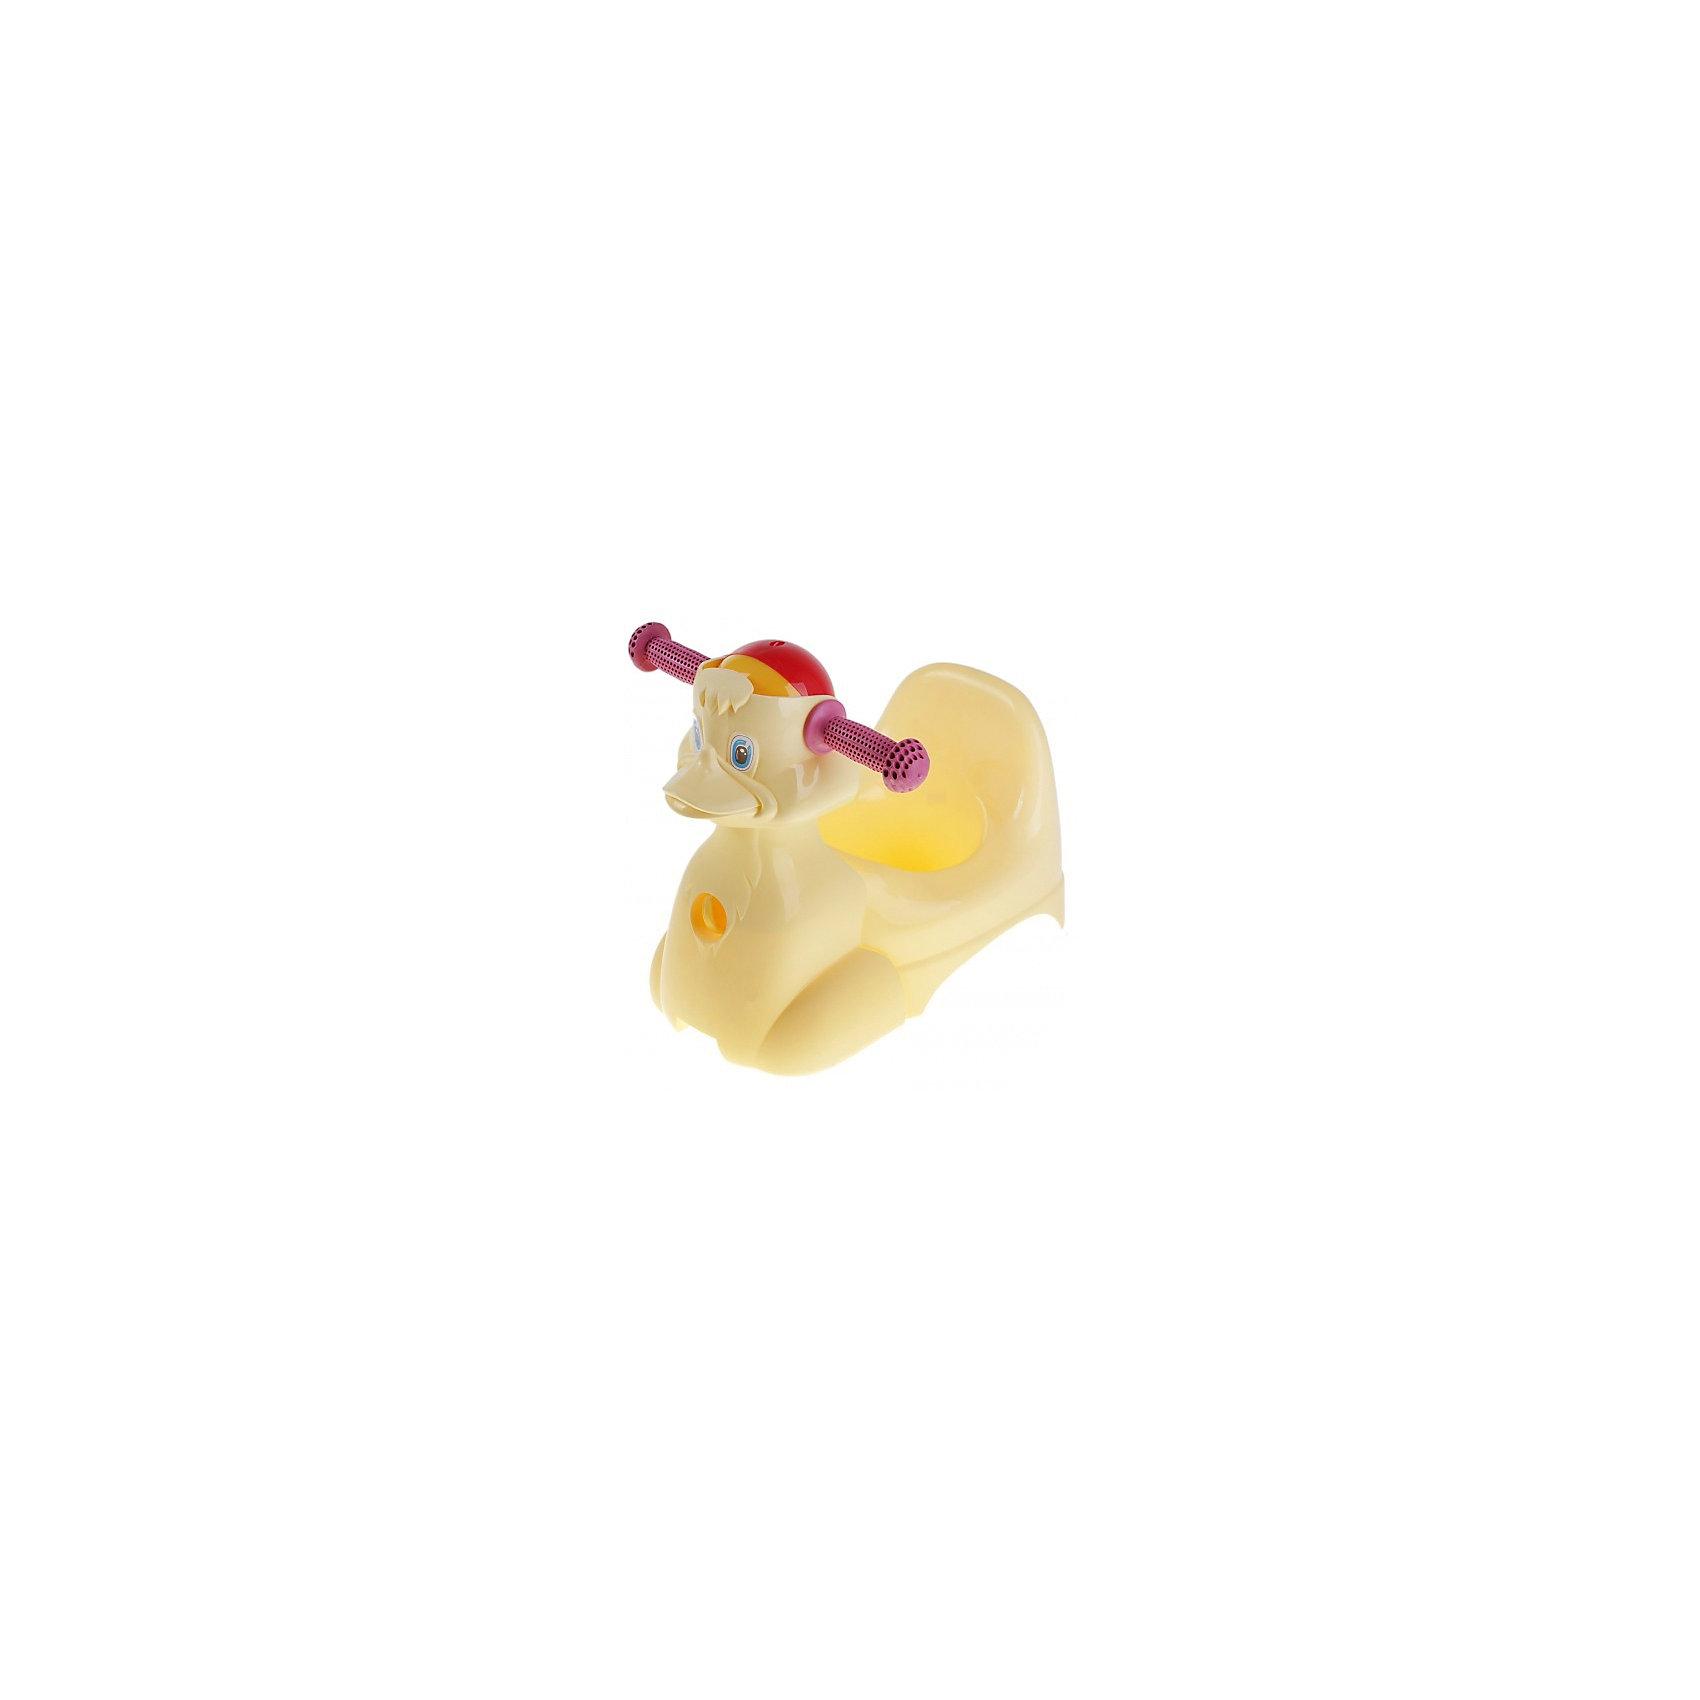 Горшок-игрушка Уточка, Little Angel, желтый (Пластик-Центр)